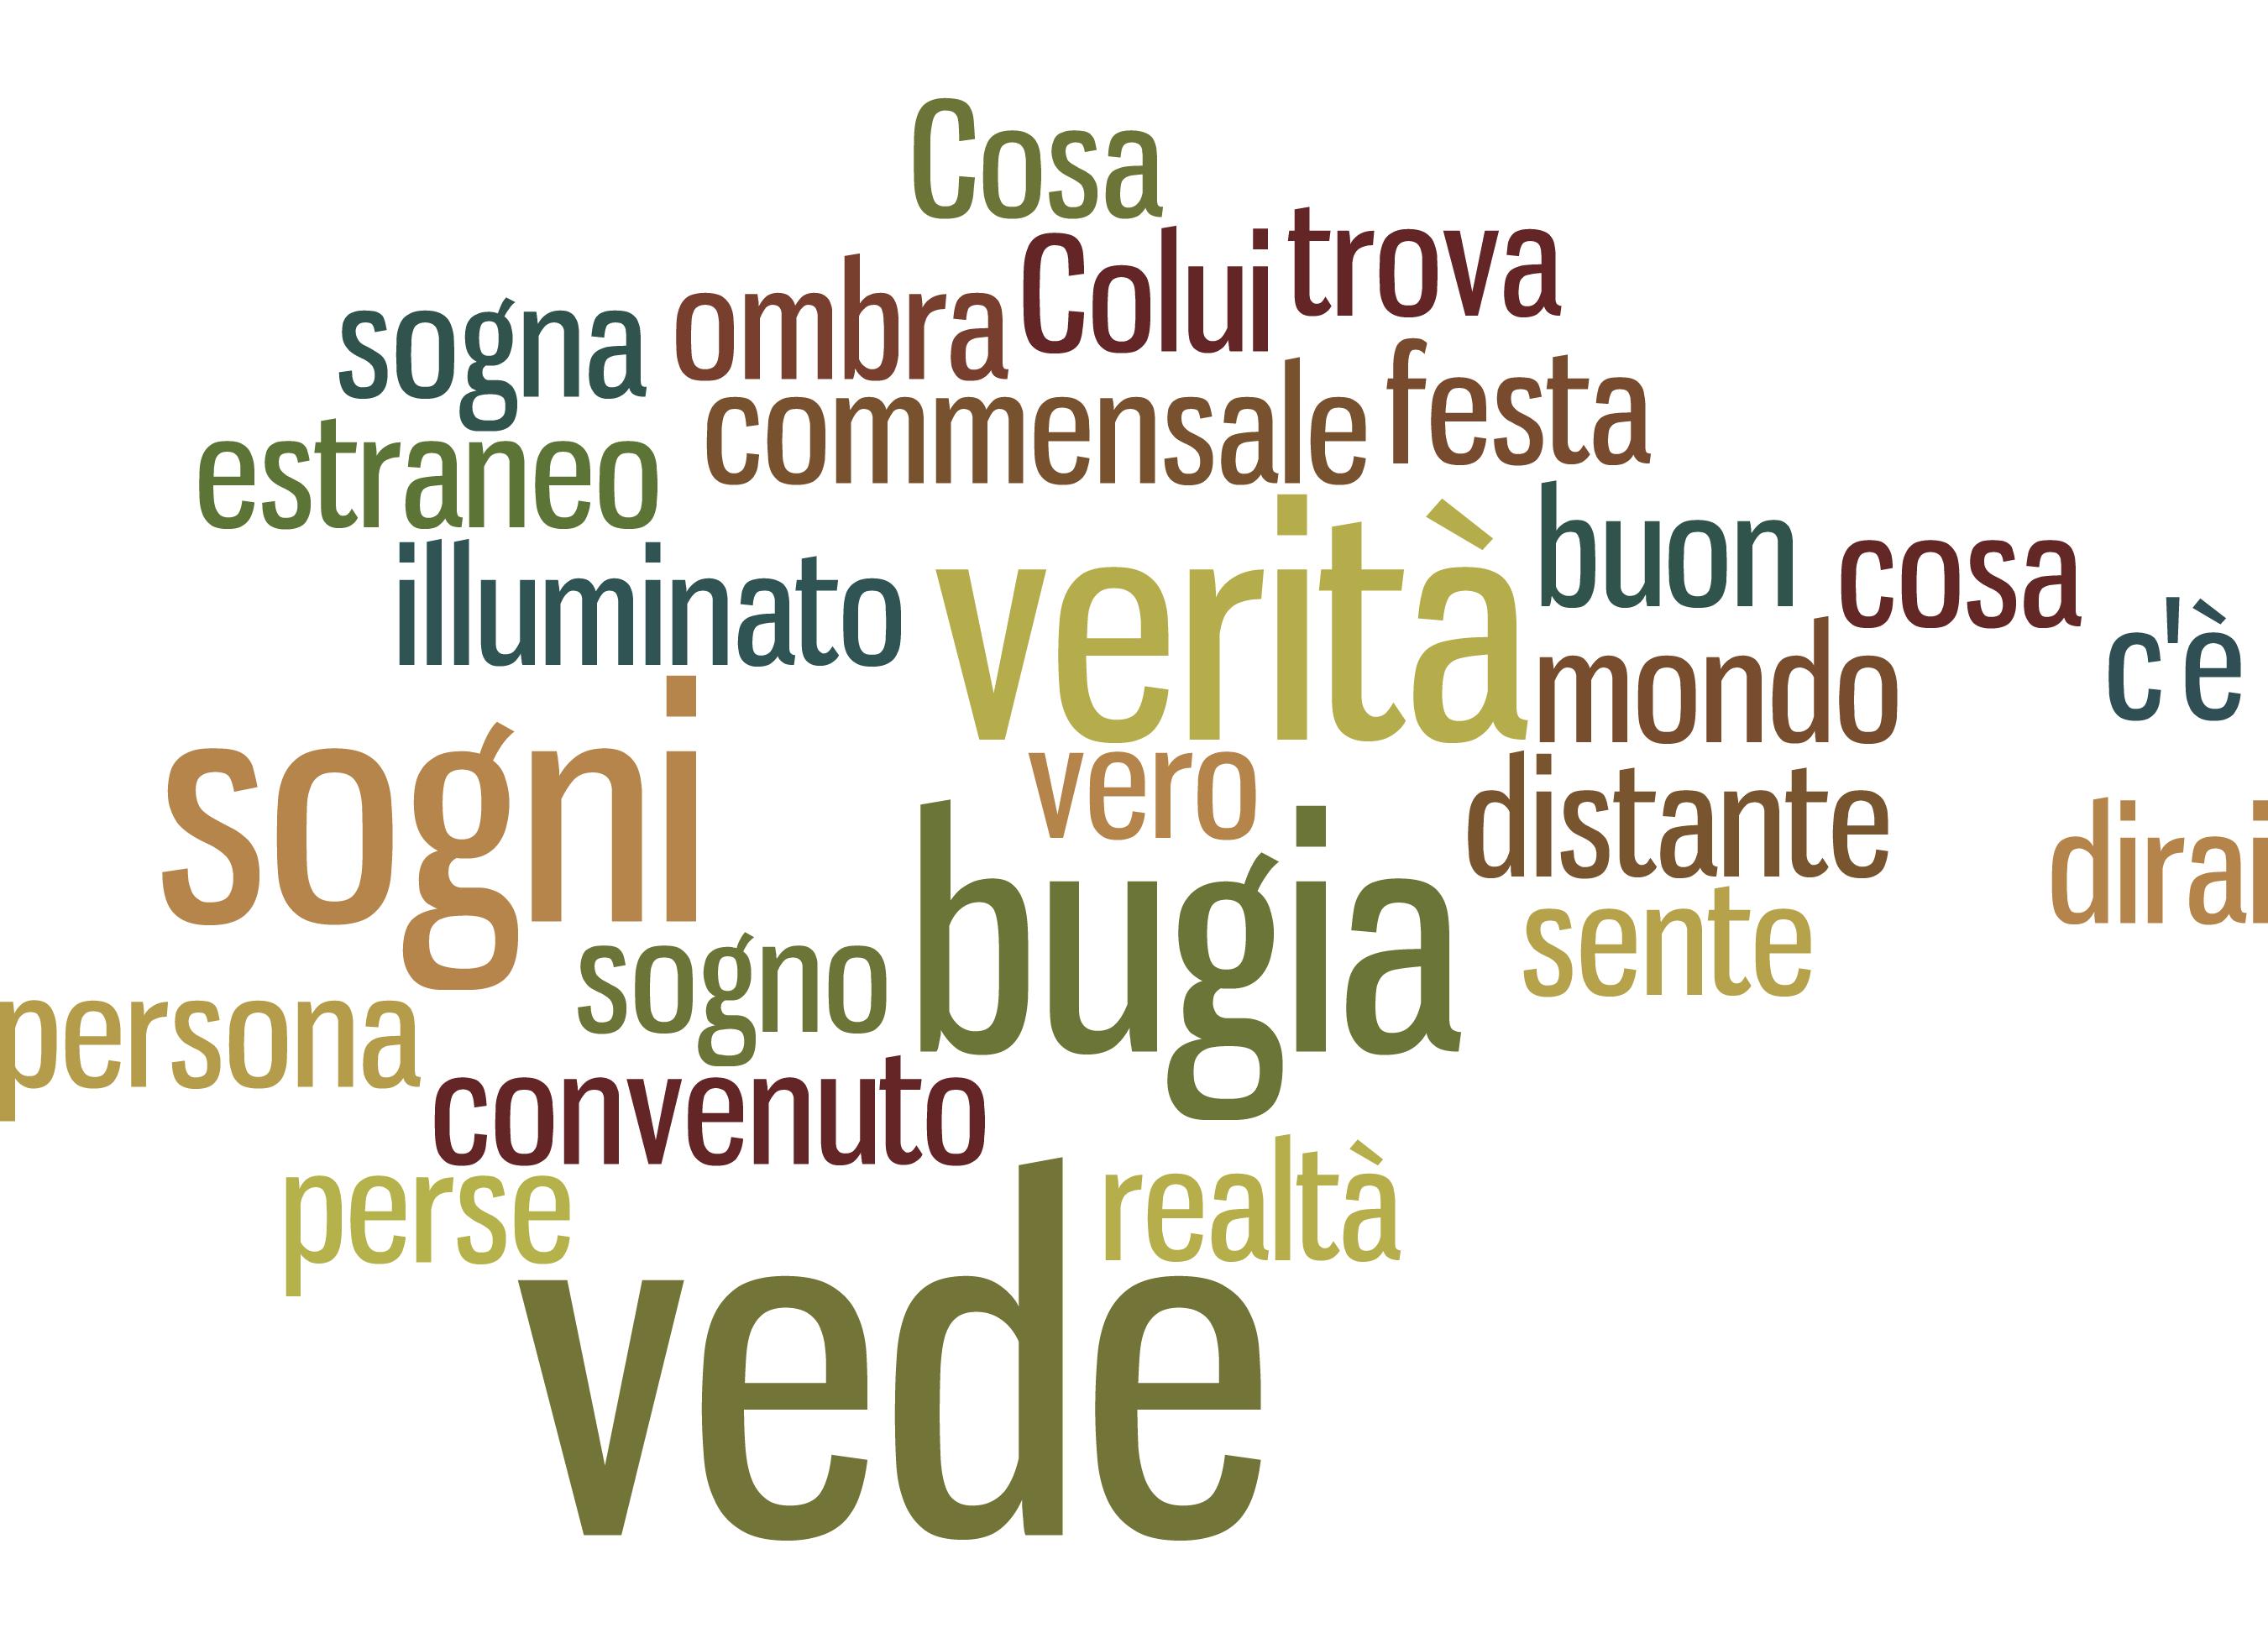 Quem sonha mais? di Fernando Pessoa